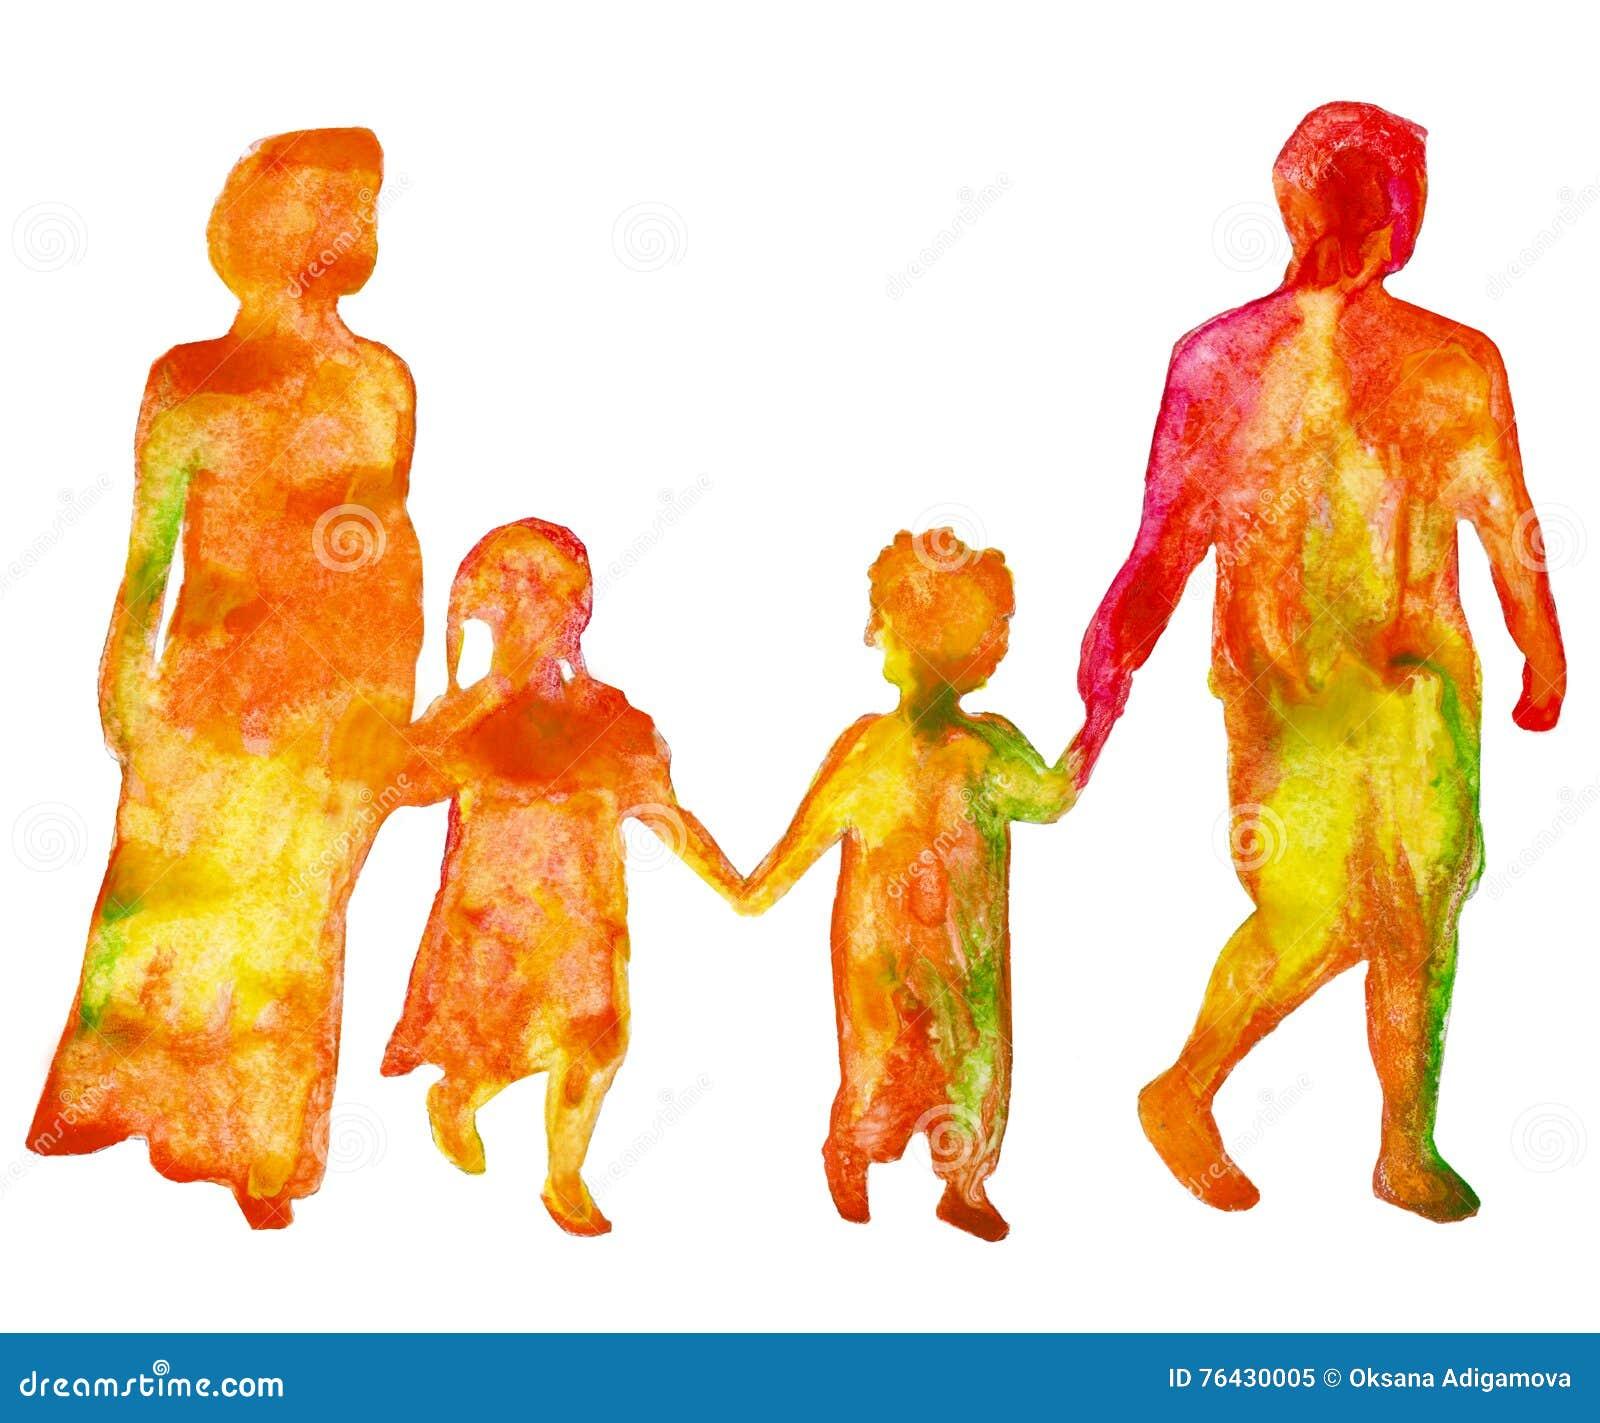 Οικογένεια Χρωματισμένη σκιαγραφία των ανθρώπων η ανασκόπηση απομόνωσε το λευκό η διακοσμητική εικόνα απεικόνισης πετάγματος ραμφ